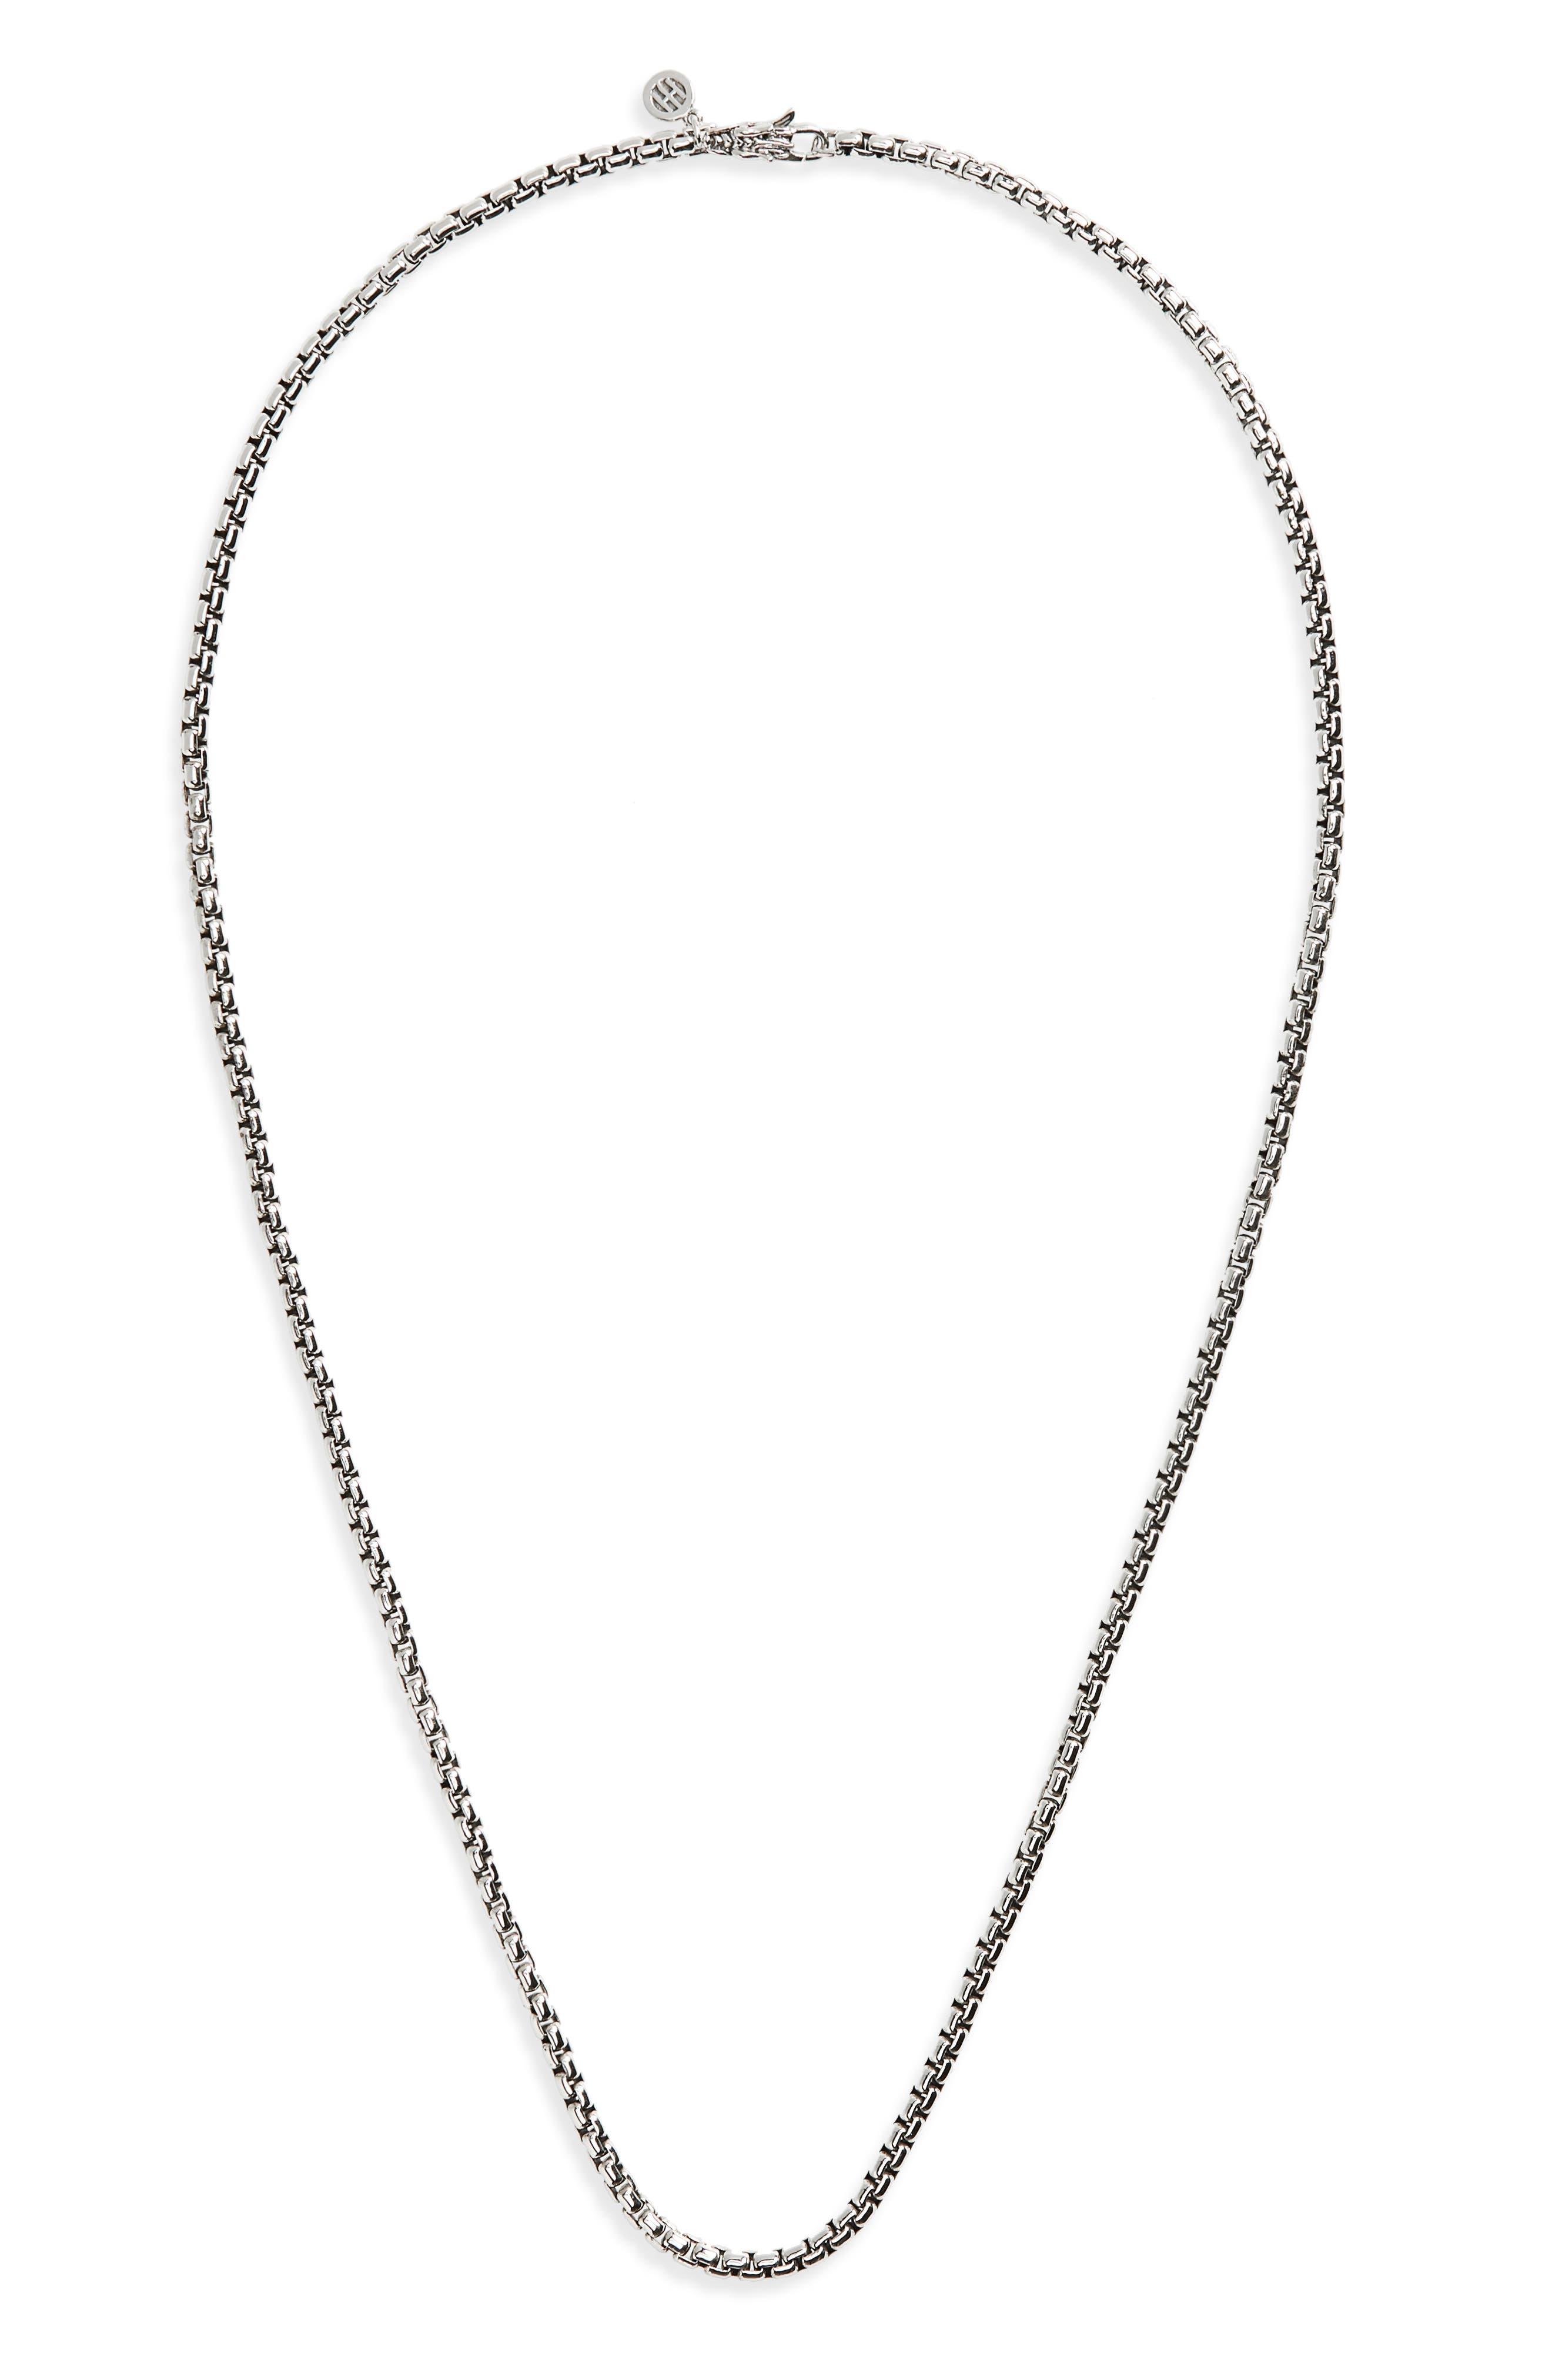 Naga Box Chain Necklace,                             Main thumbnail 1, color,                             Silver